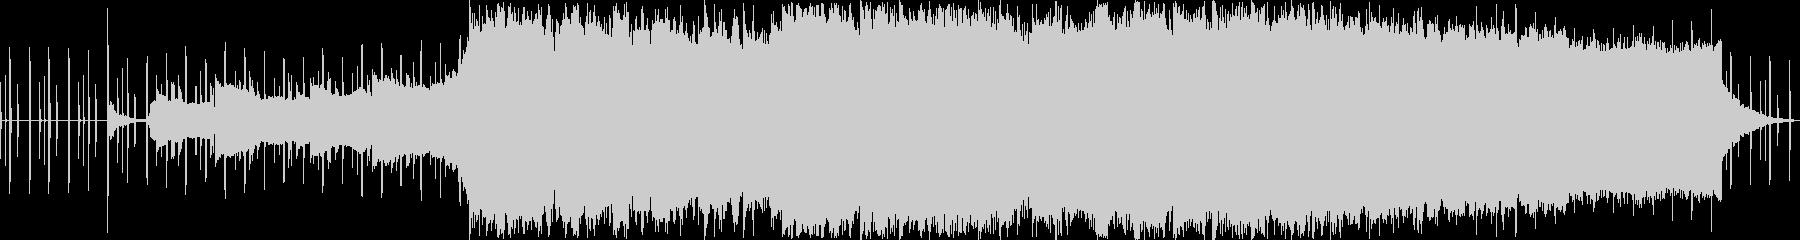 エレクトロニカ おしゃれで現代的の未再生の波形